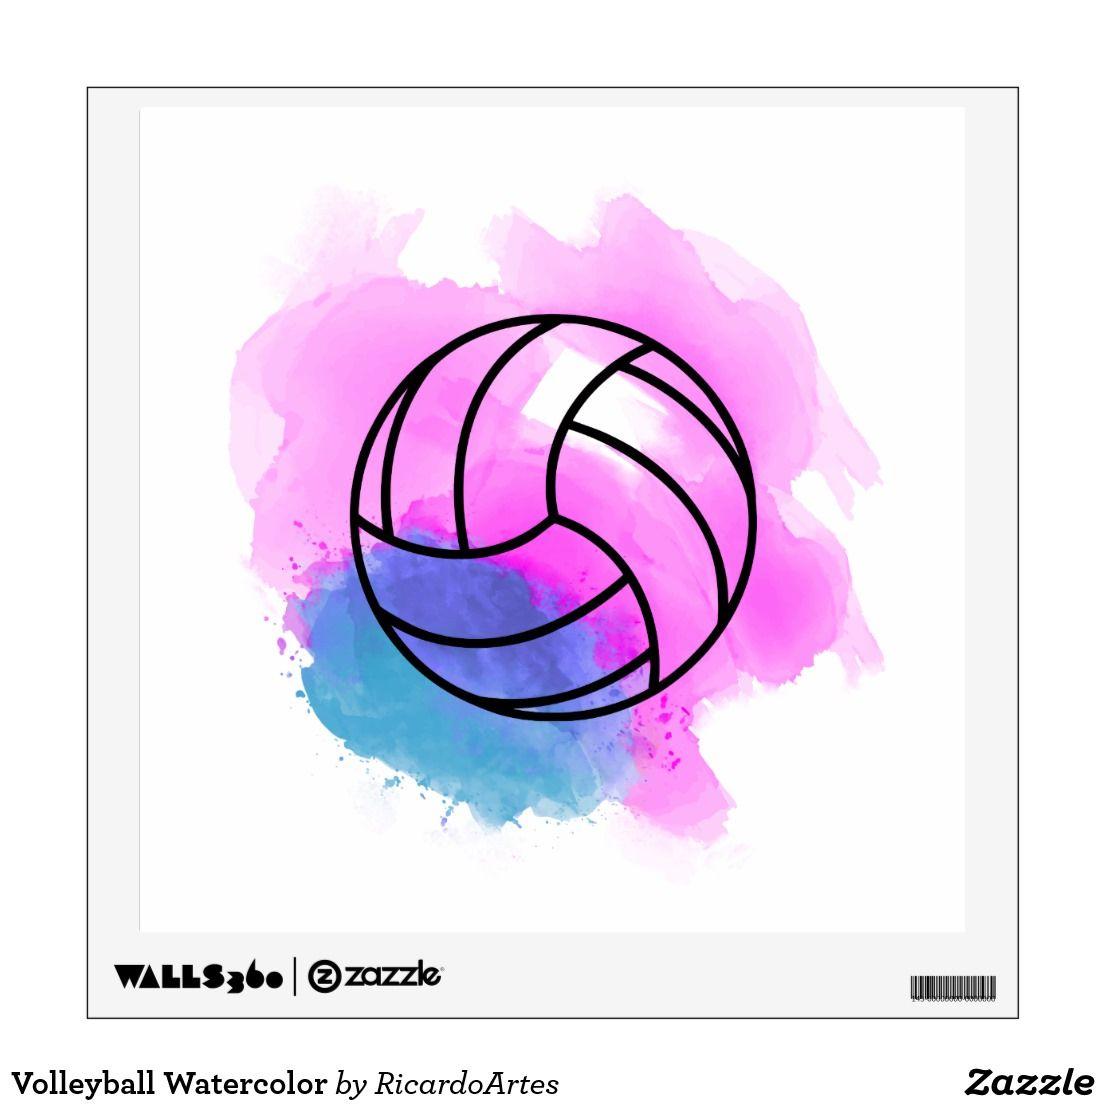 Volleyball Watercolor Wall Sticker Zazzle Com Volleyball Drawing Volleyball Wallpaper Watercolor Canvas